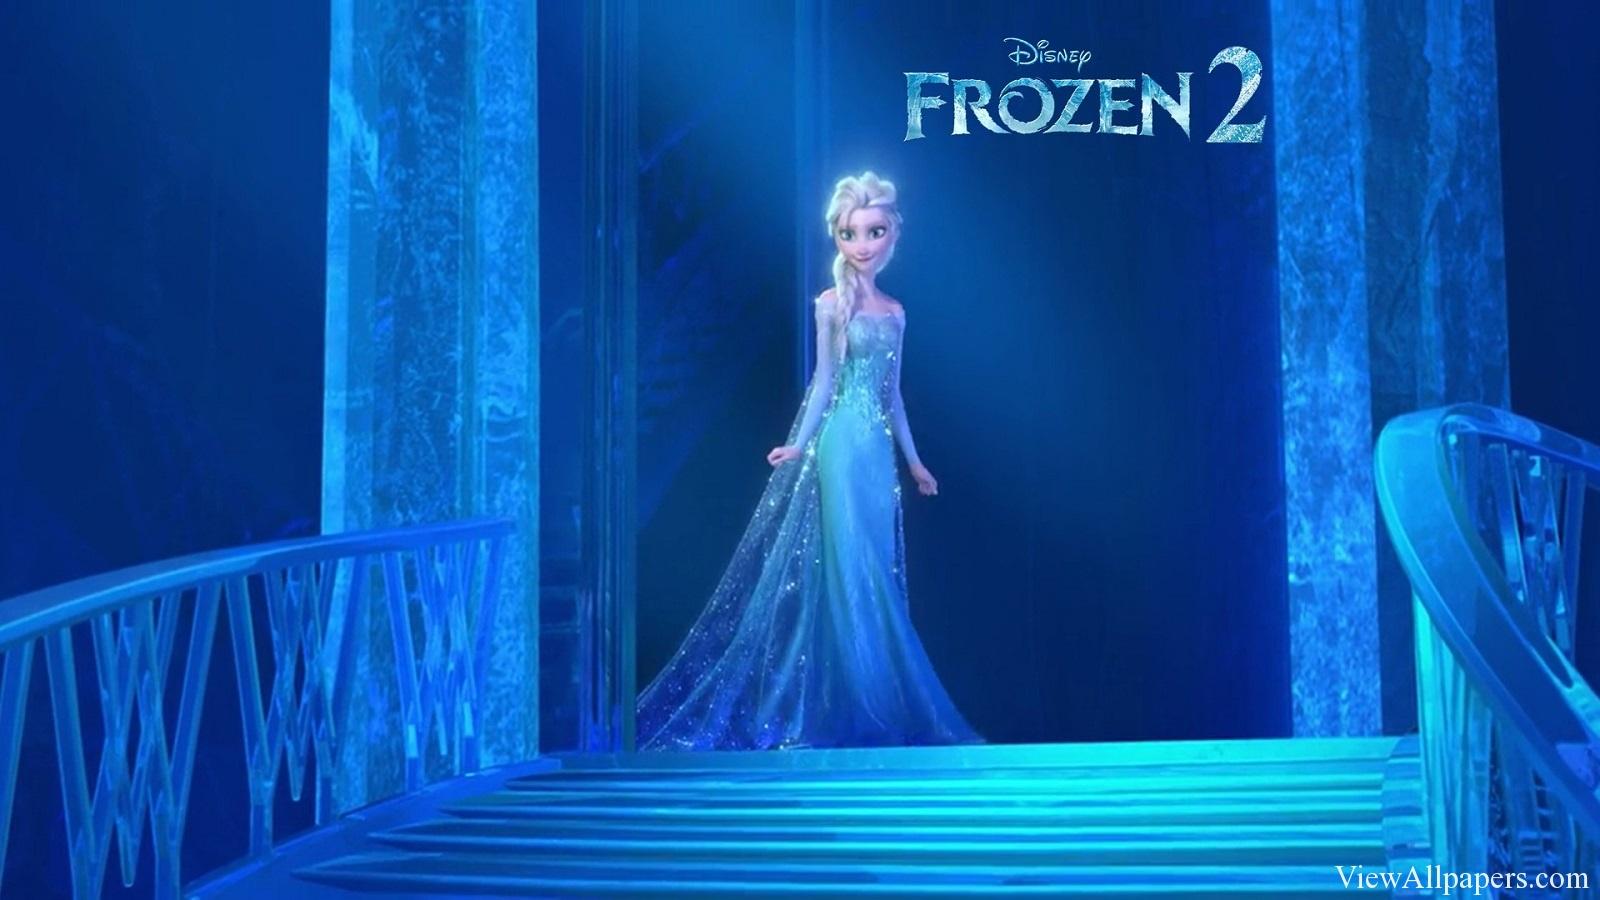 Disney Frozen 2 Movie High Resolution Wallpaper download Disney 1600x900